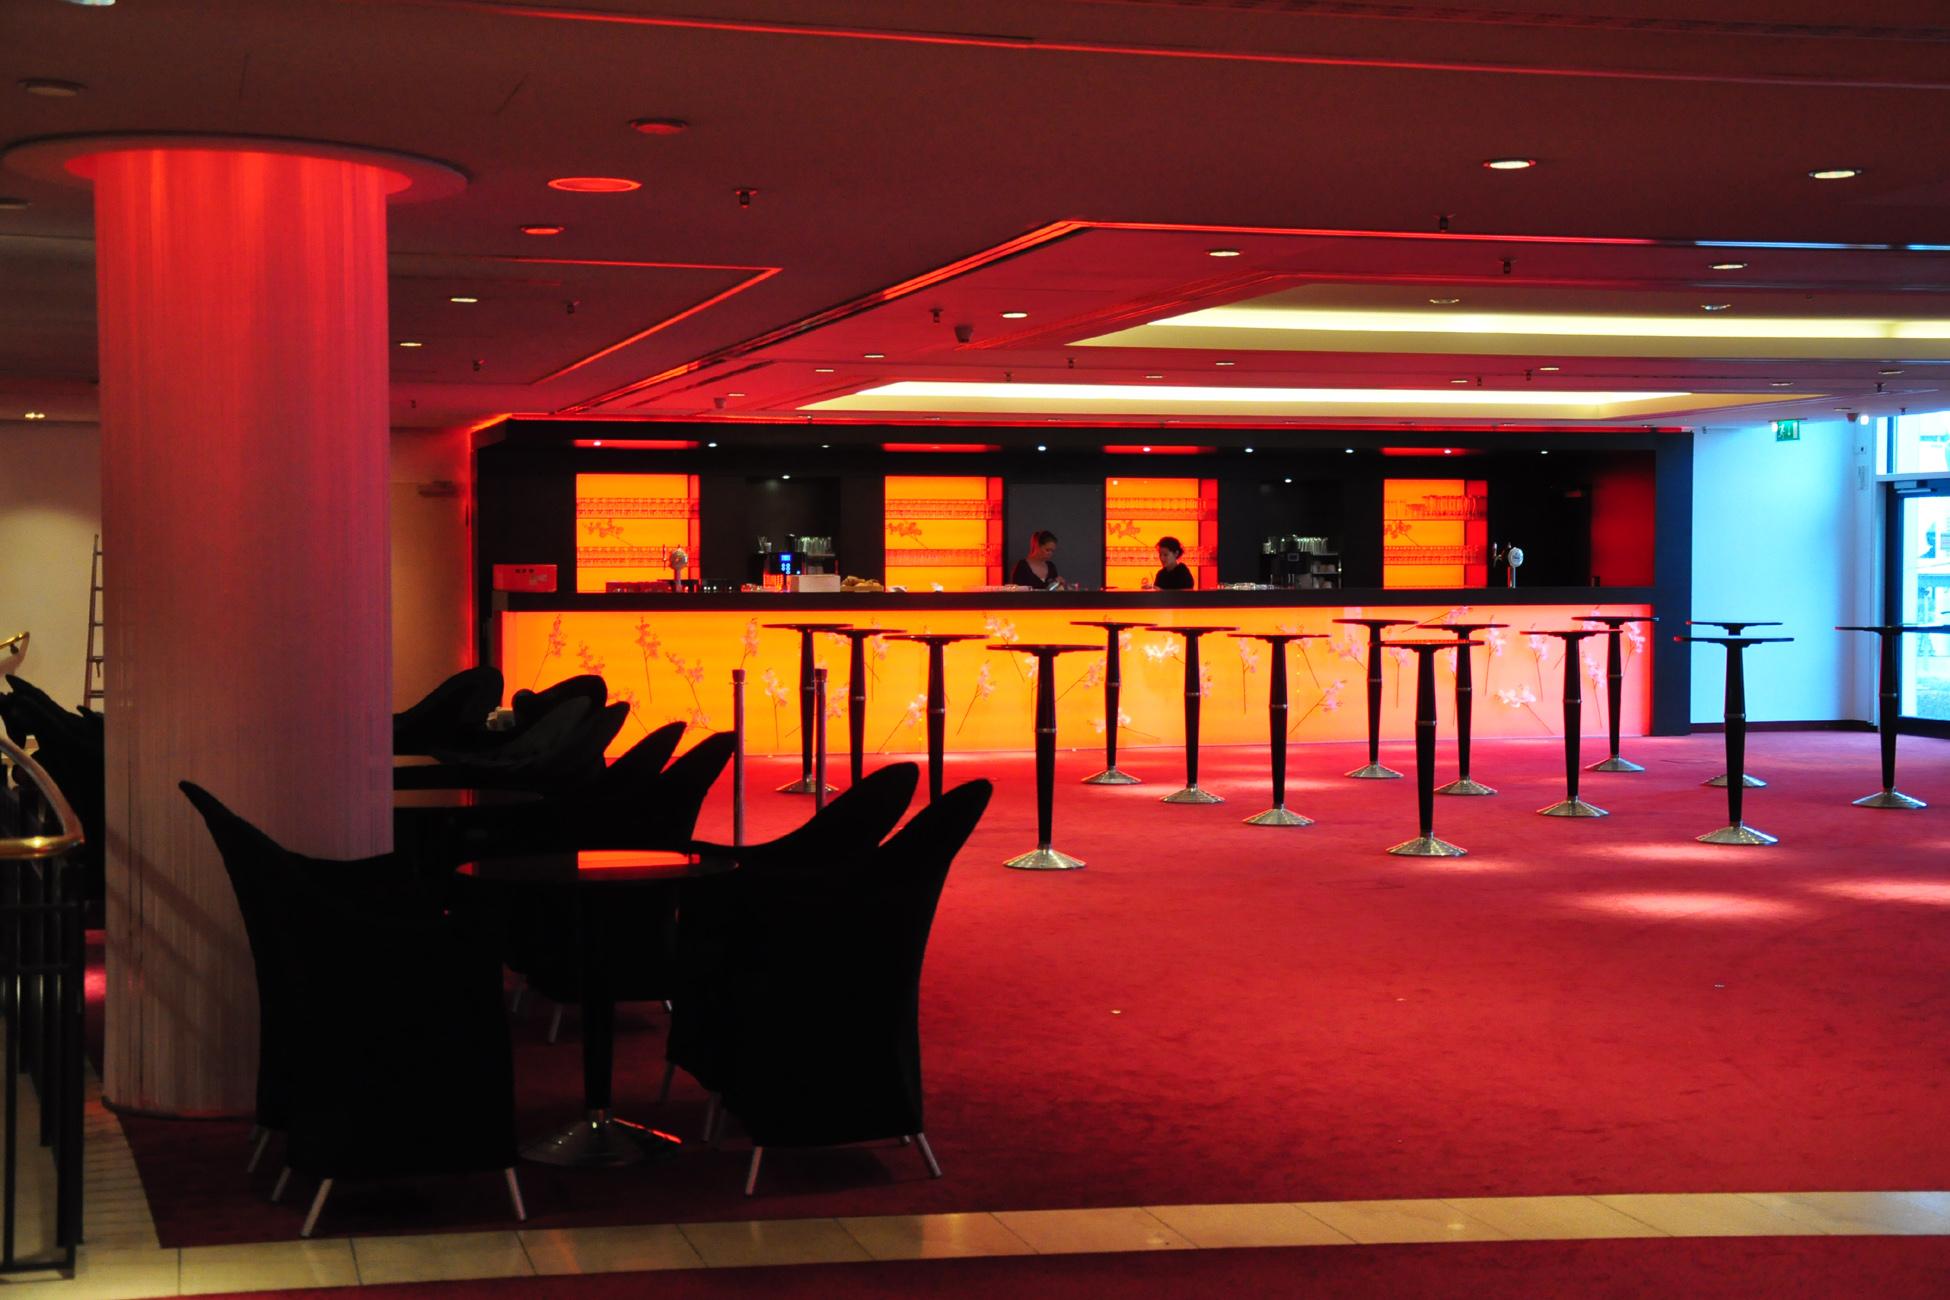 Umbau SI Palladium Theater: Einbau zweier Bars im Foyer